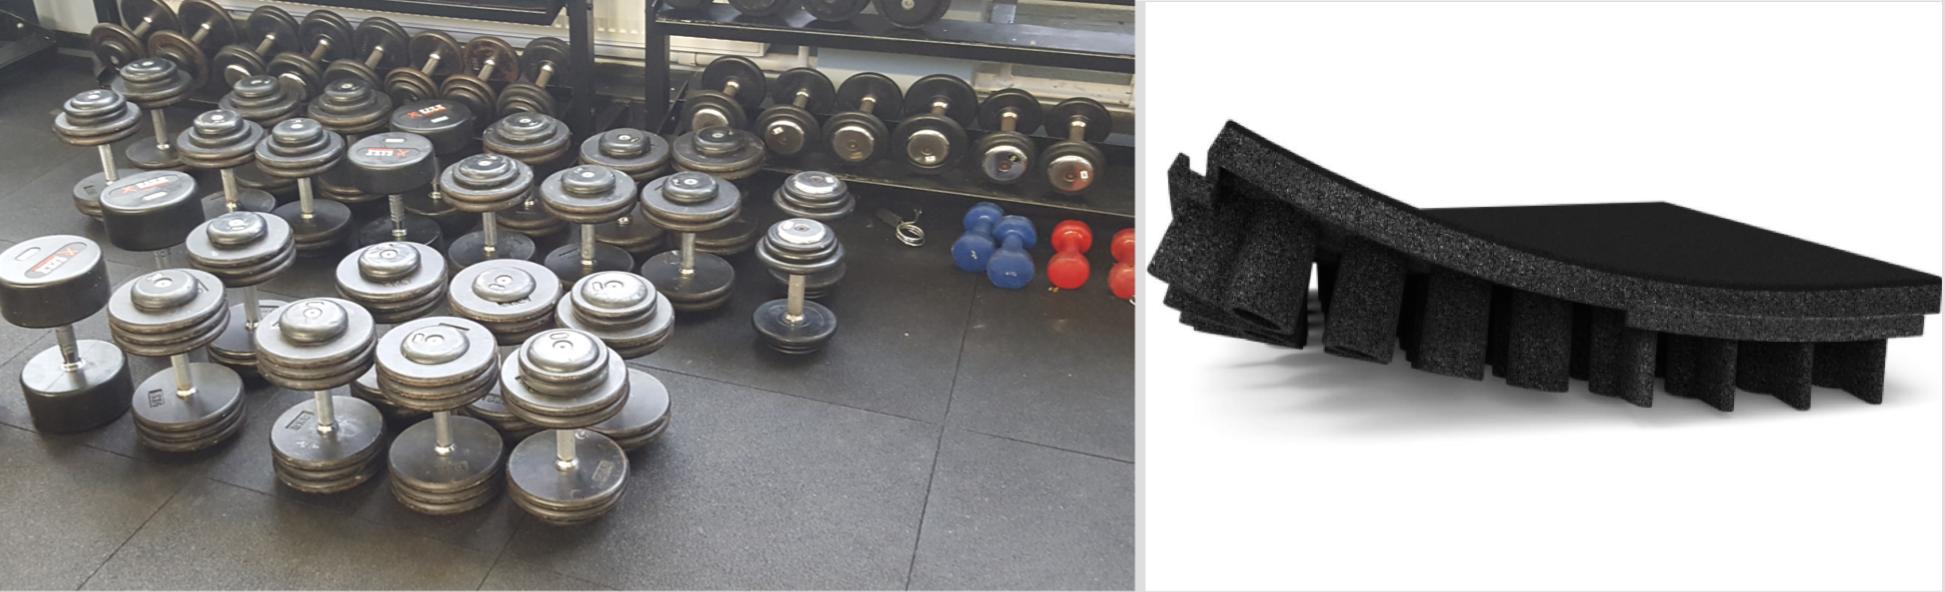 rubber sportsfloor fitness flooring tiles sofsurfaces